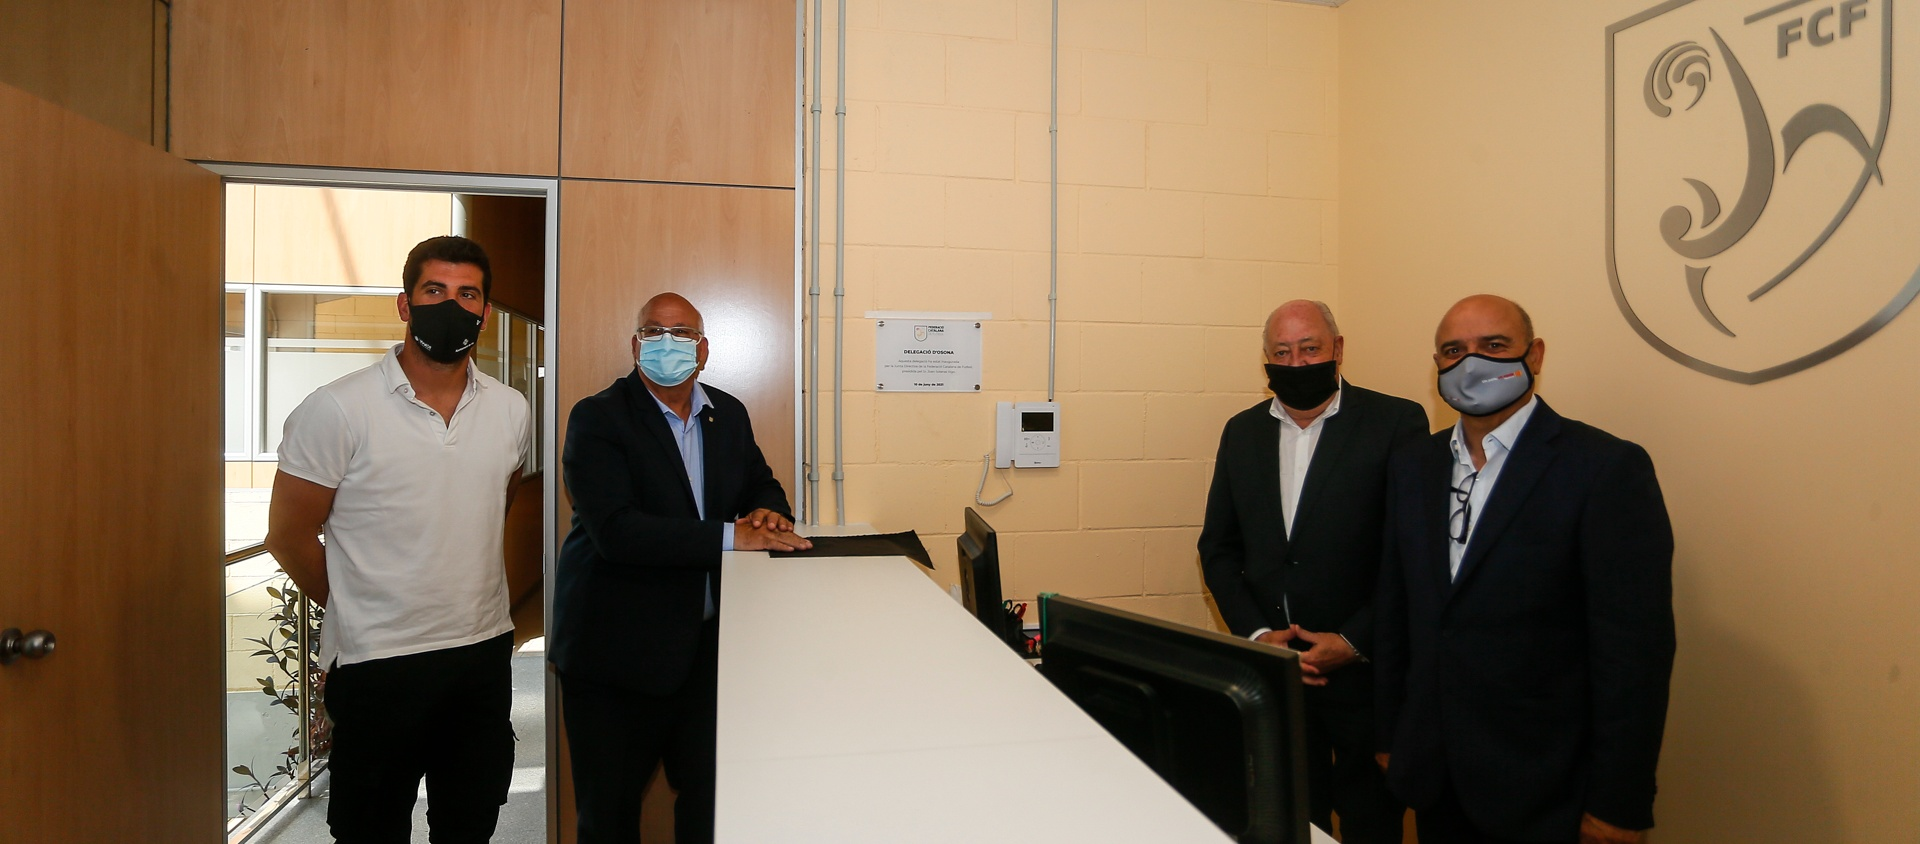 L'FCF inaugura la nova seu de la delegació d'Osona